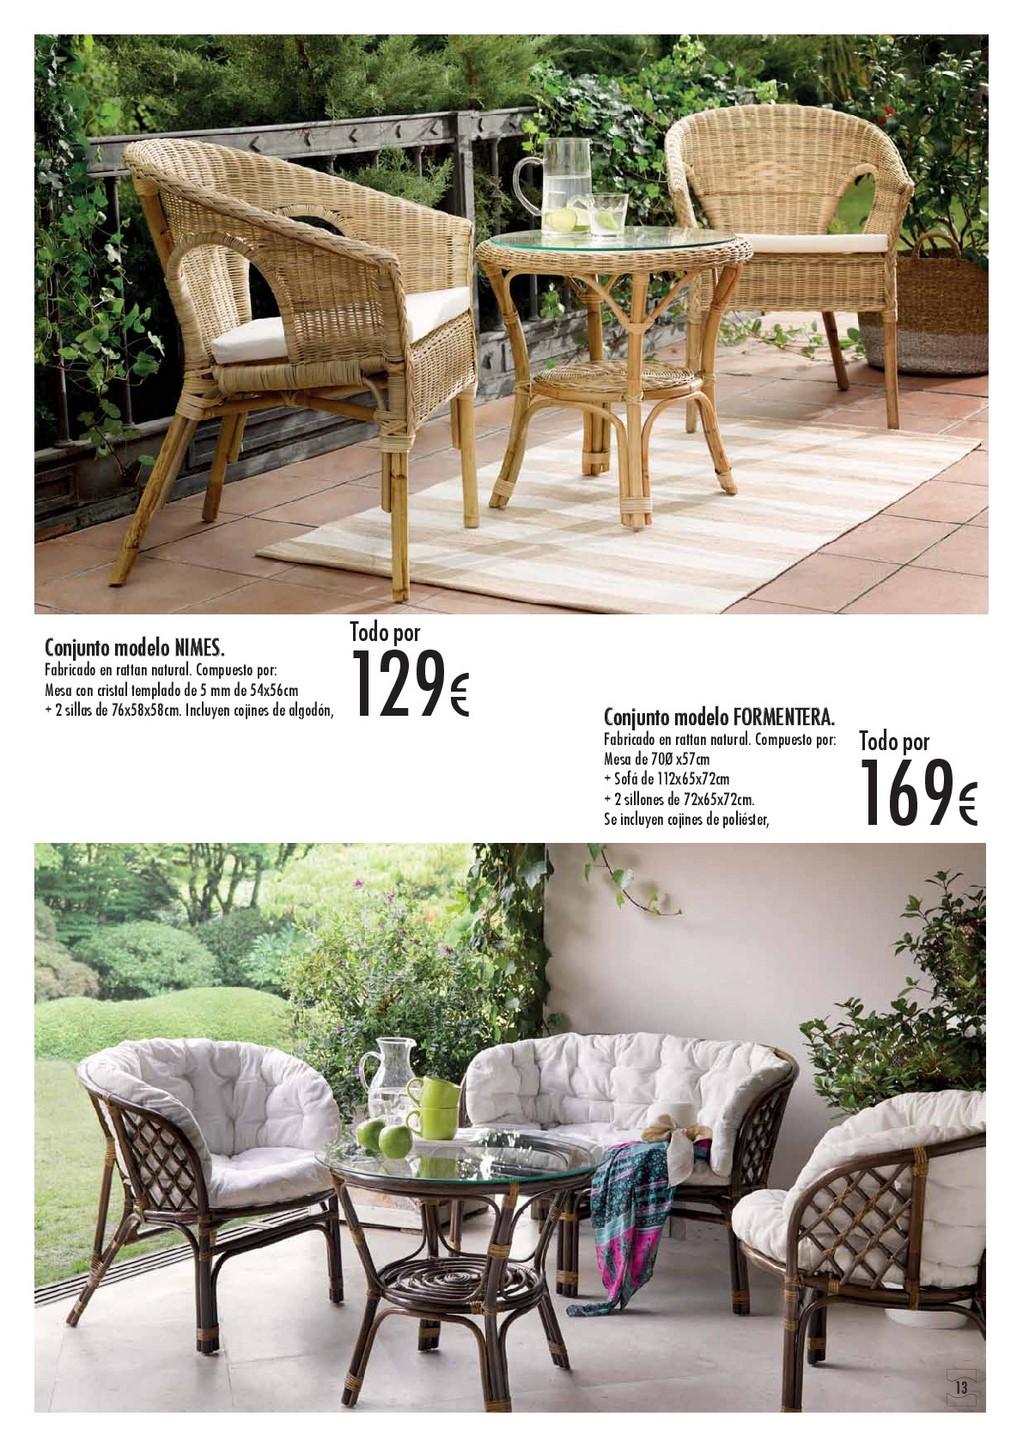 Terraza y jardin hipercor 201613 for Hipercor sombrillas jardin